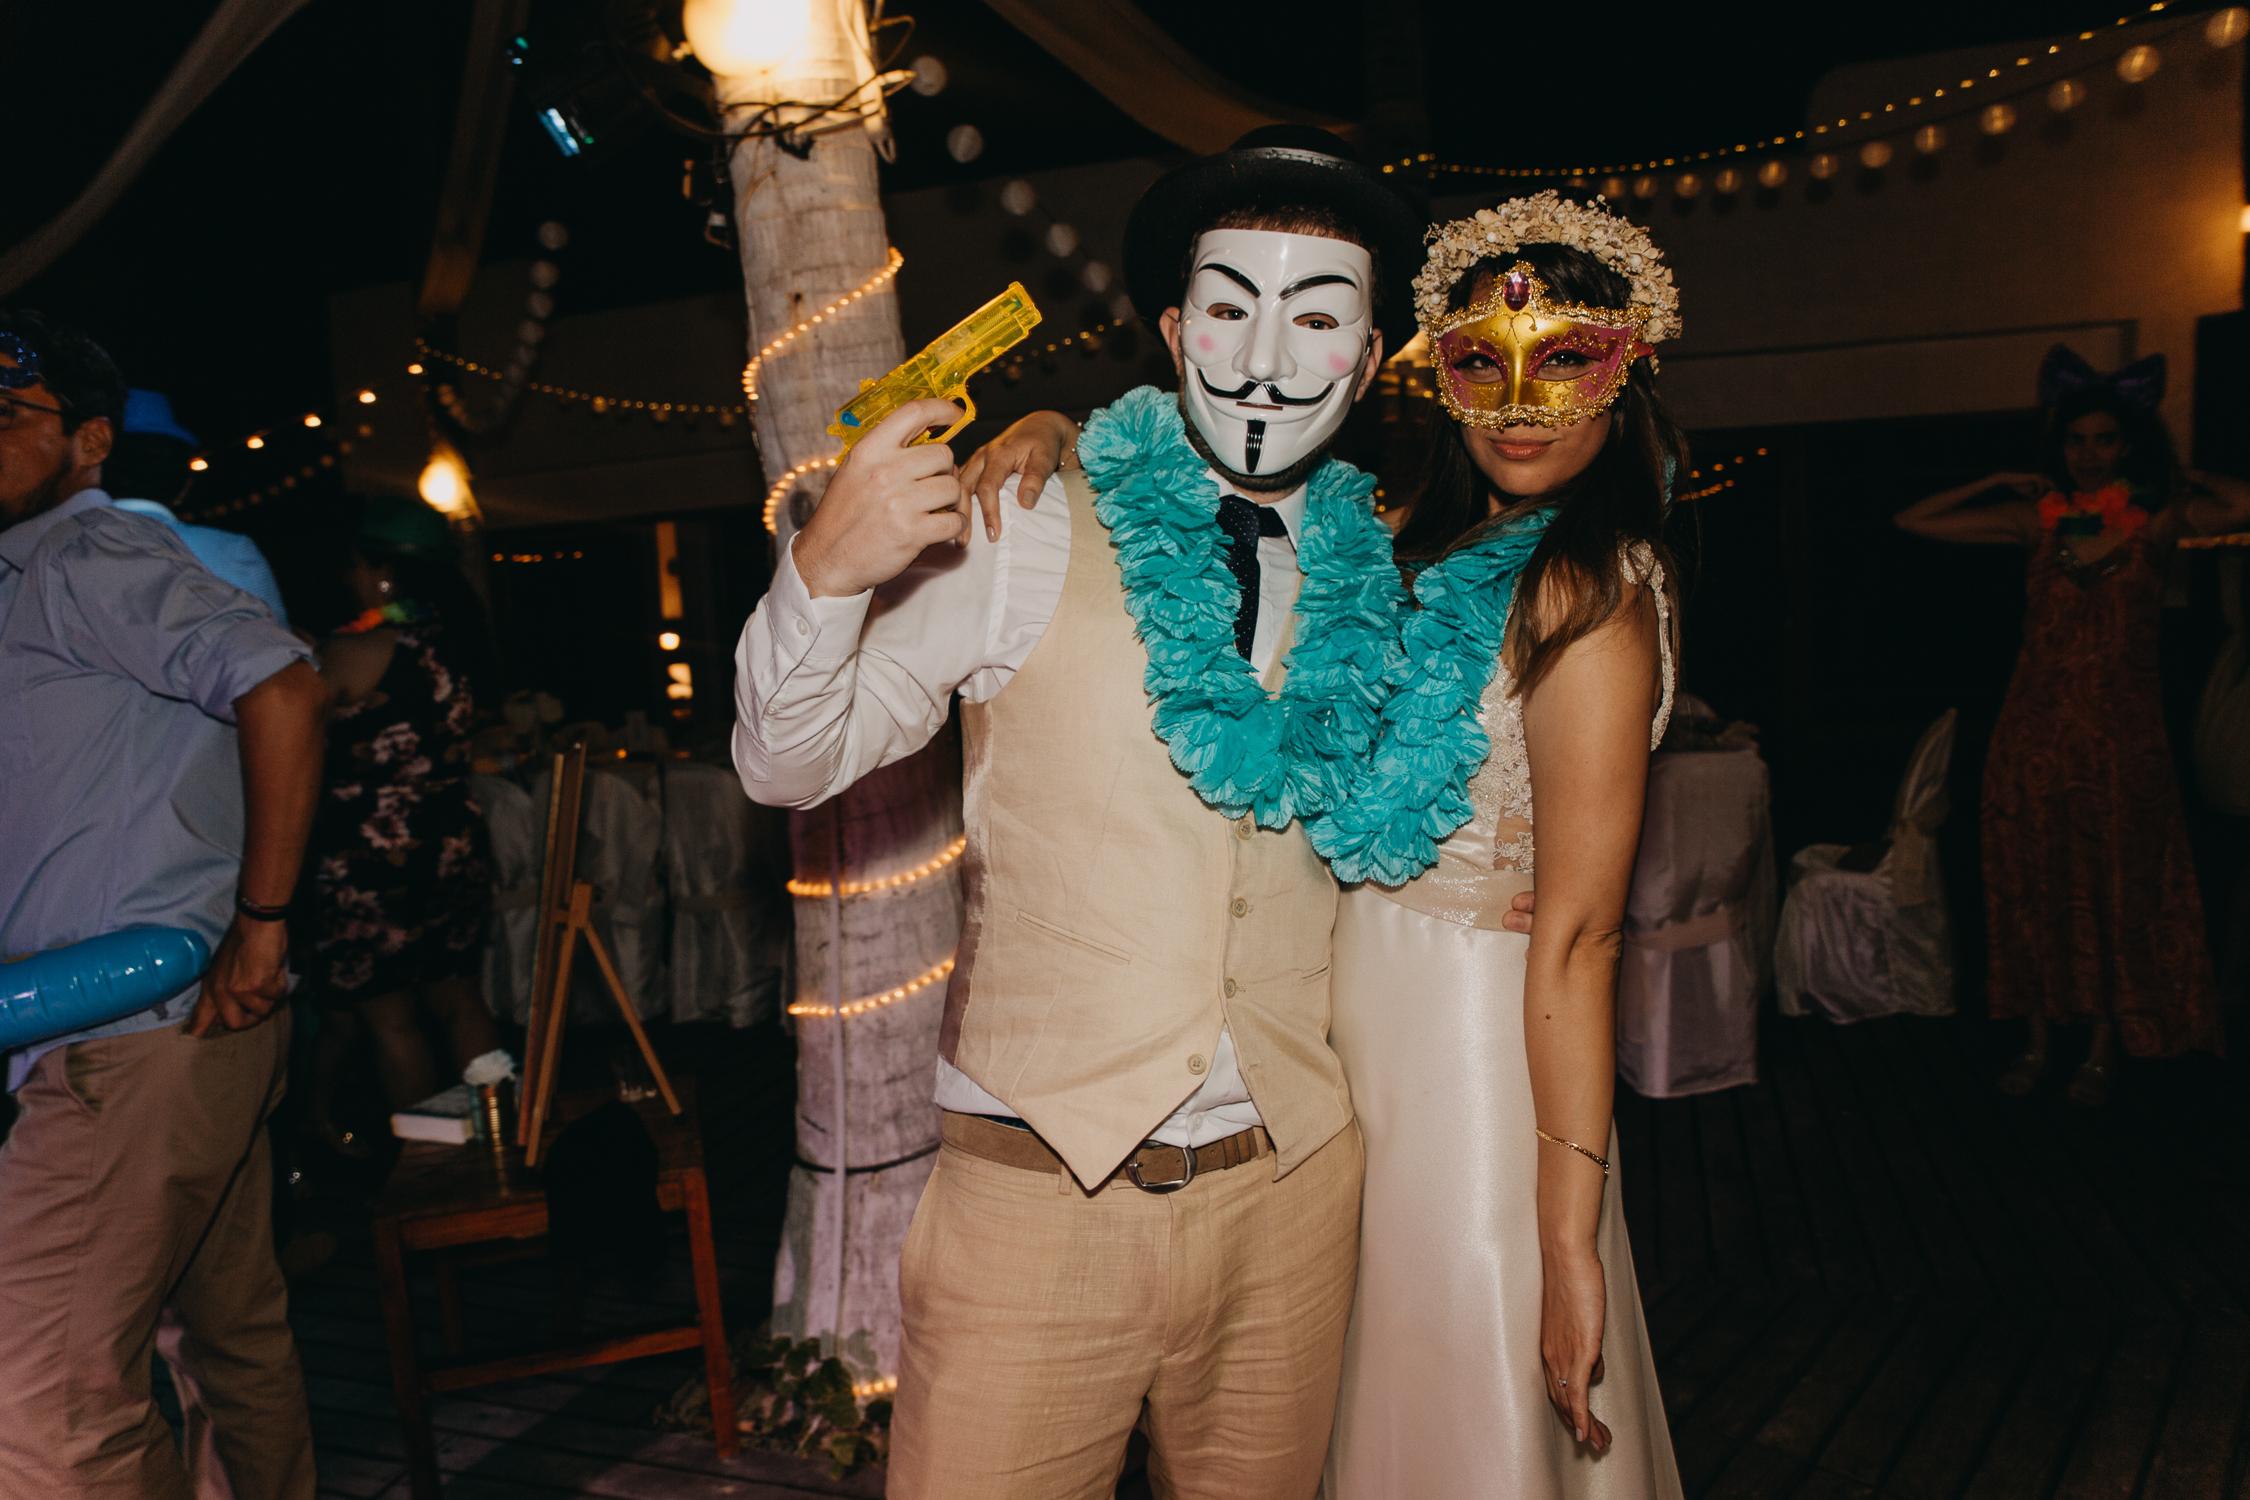 Michelle-Agurto-Fotografia-Bodas-Ecuador-Destination-Wedding-Photographer-Galapagos-Andrea-Joaquin-485.JPG